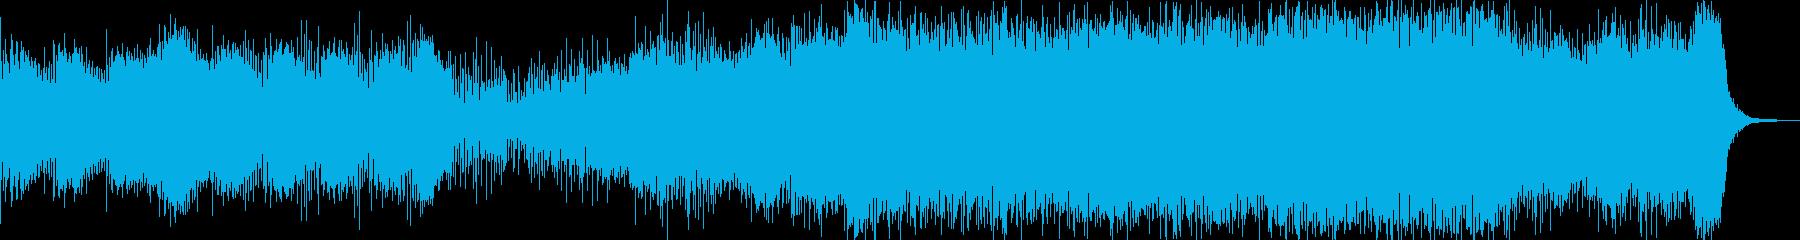 ミステリアスで壮大なBGMの再生済みの波形